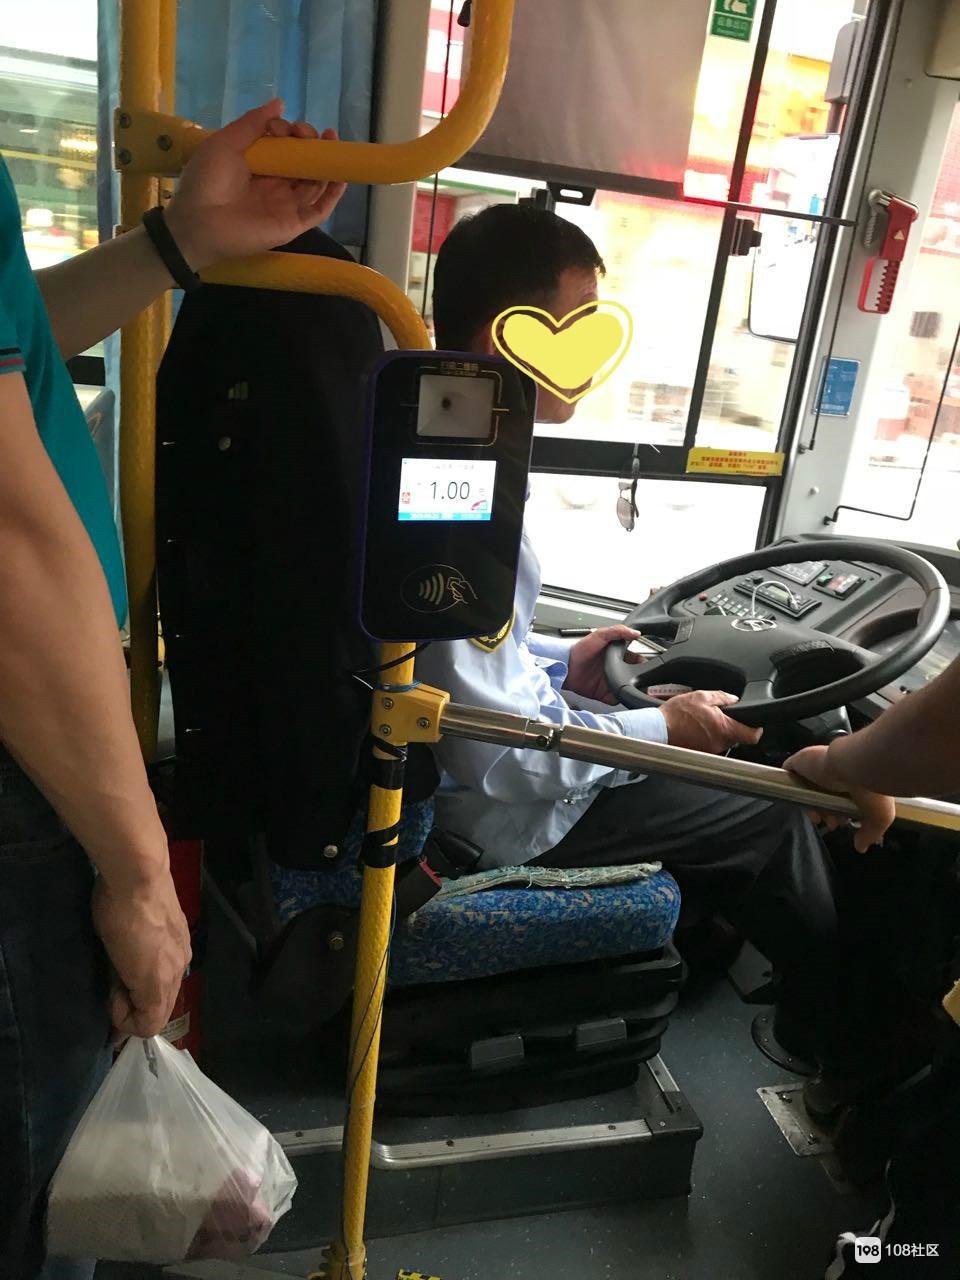 7路公交师傅花几十秒感动了我,可他曾被曝有这问题